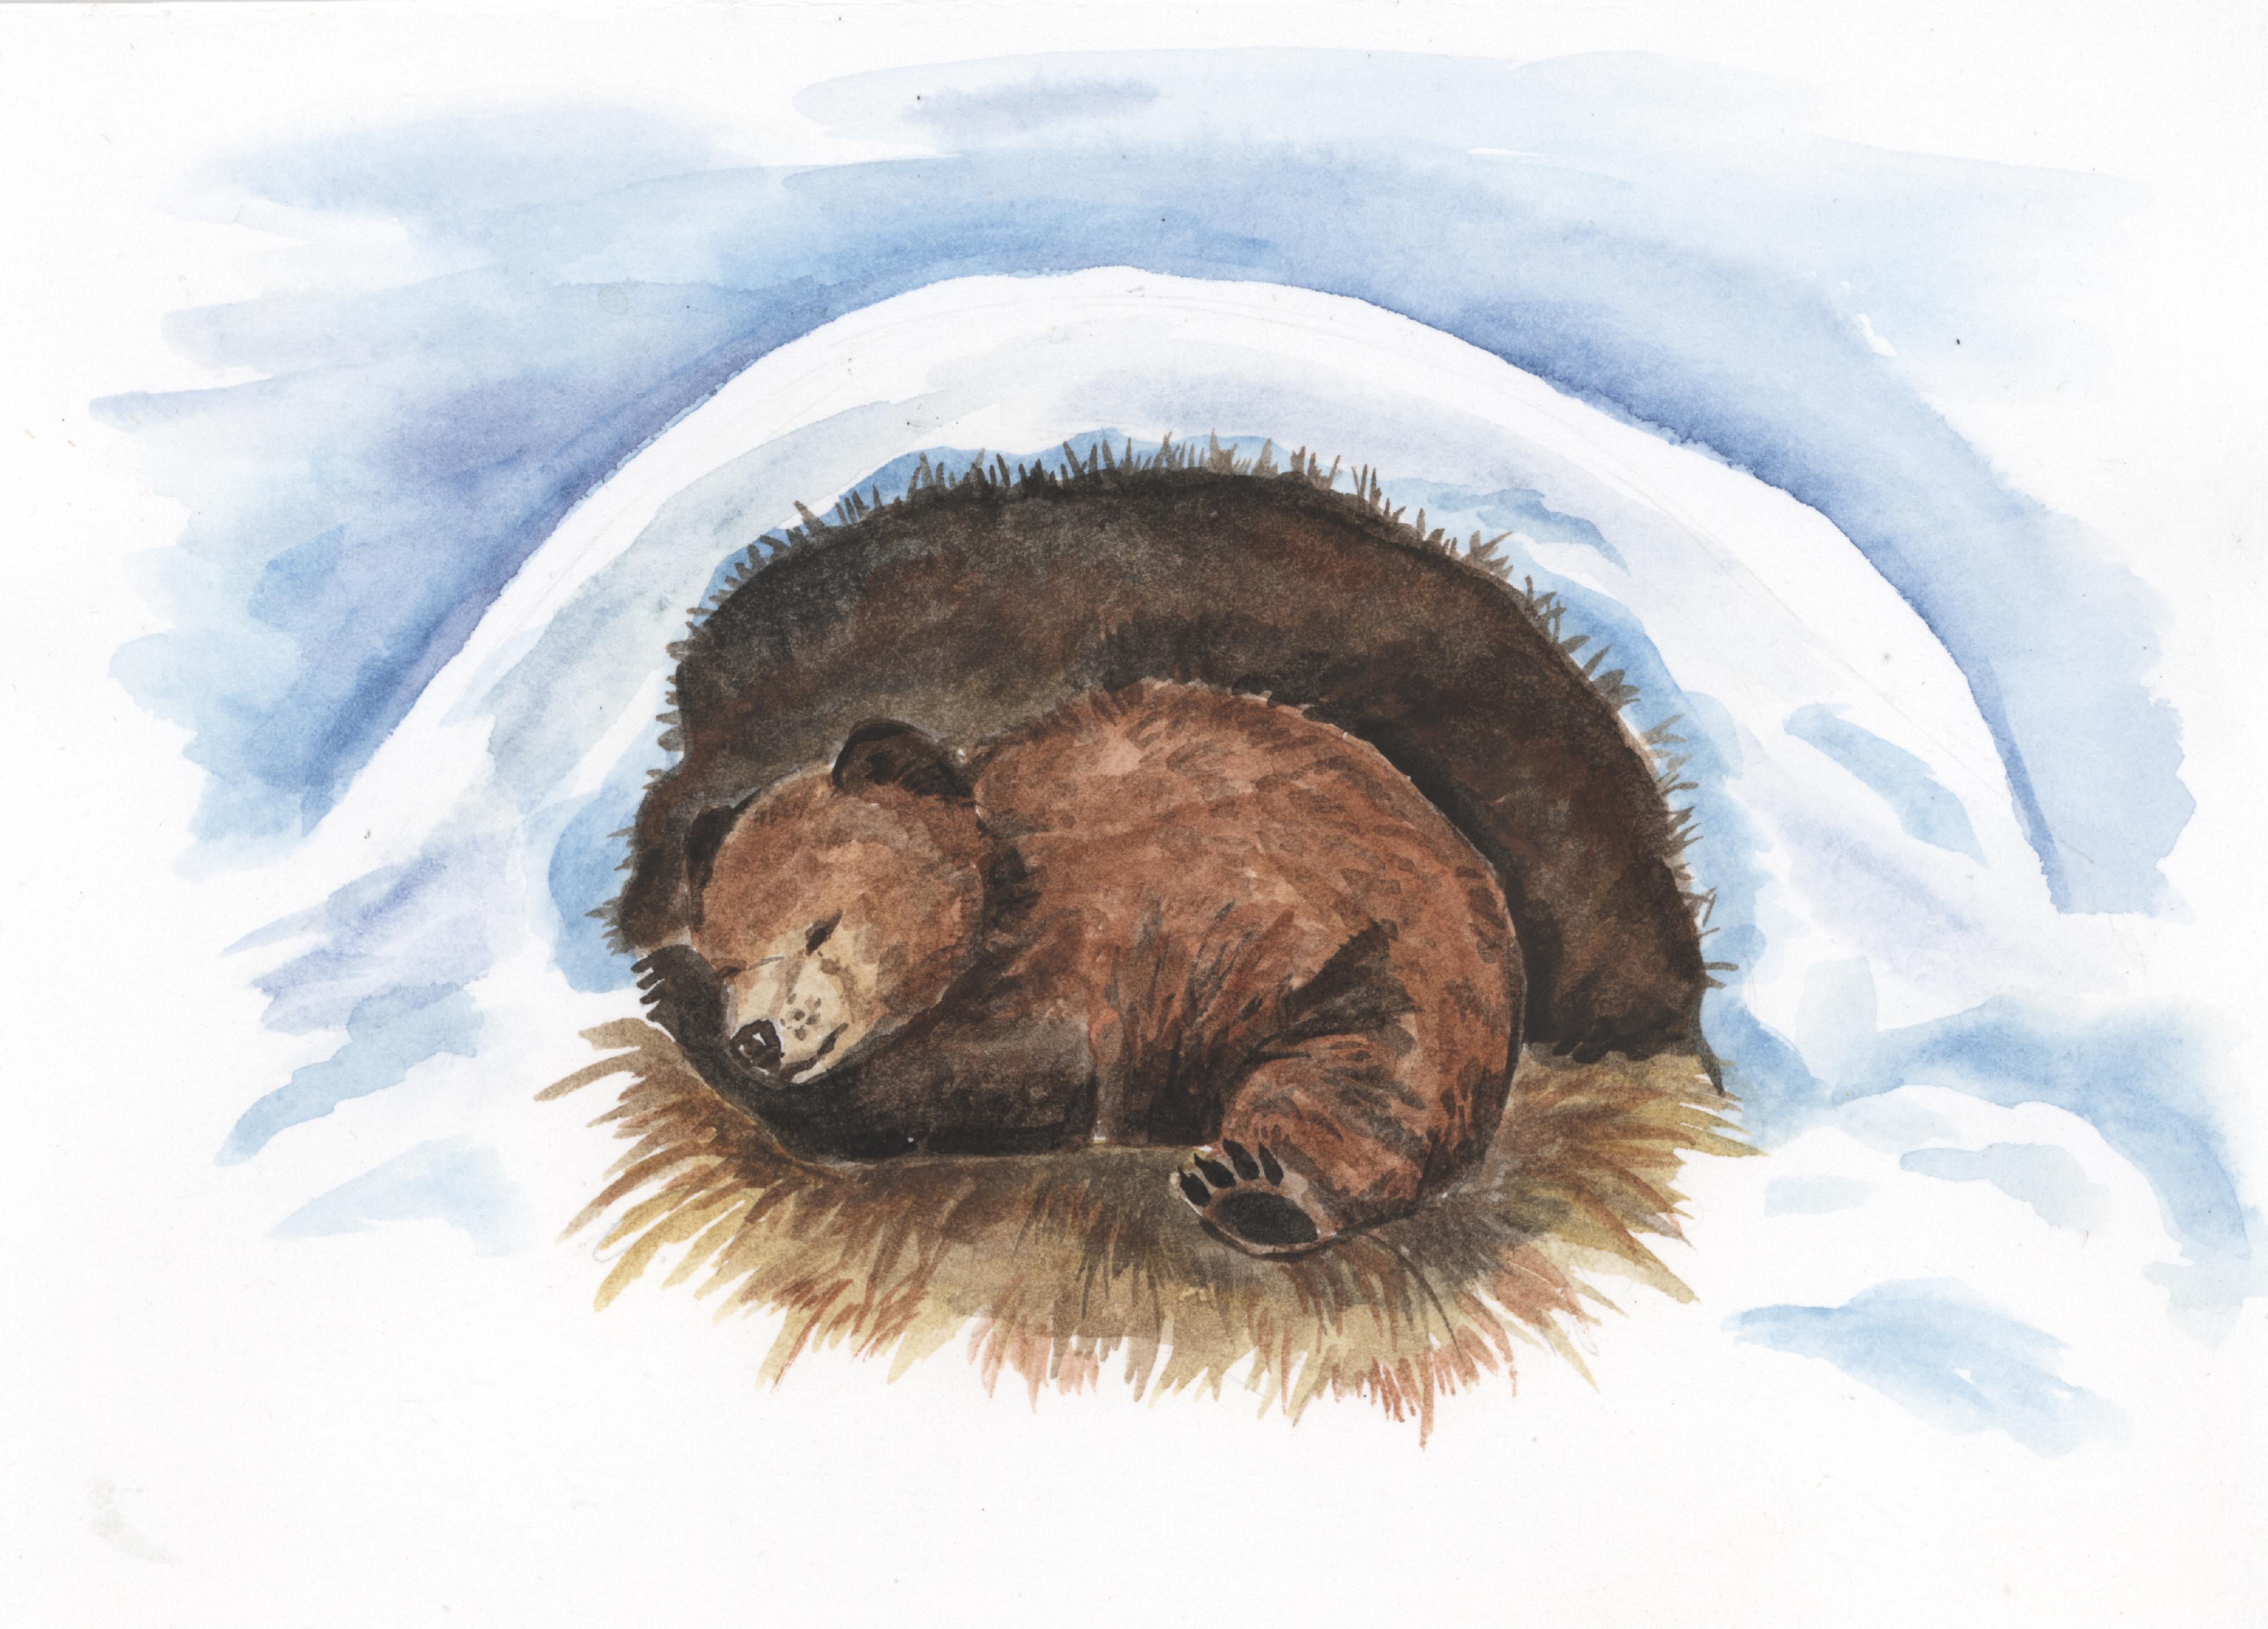 Картинка берлоги с медведем